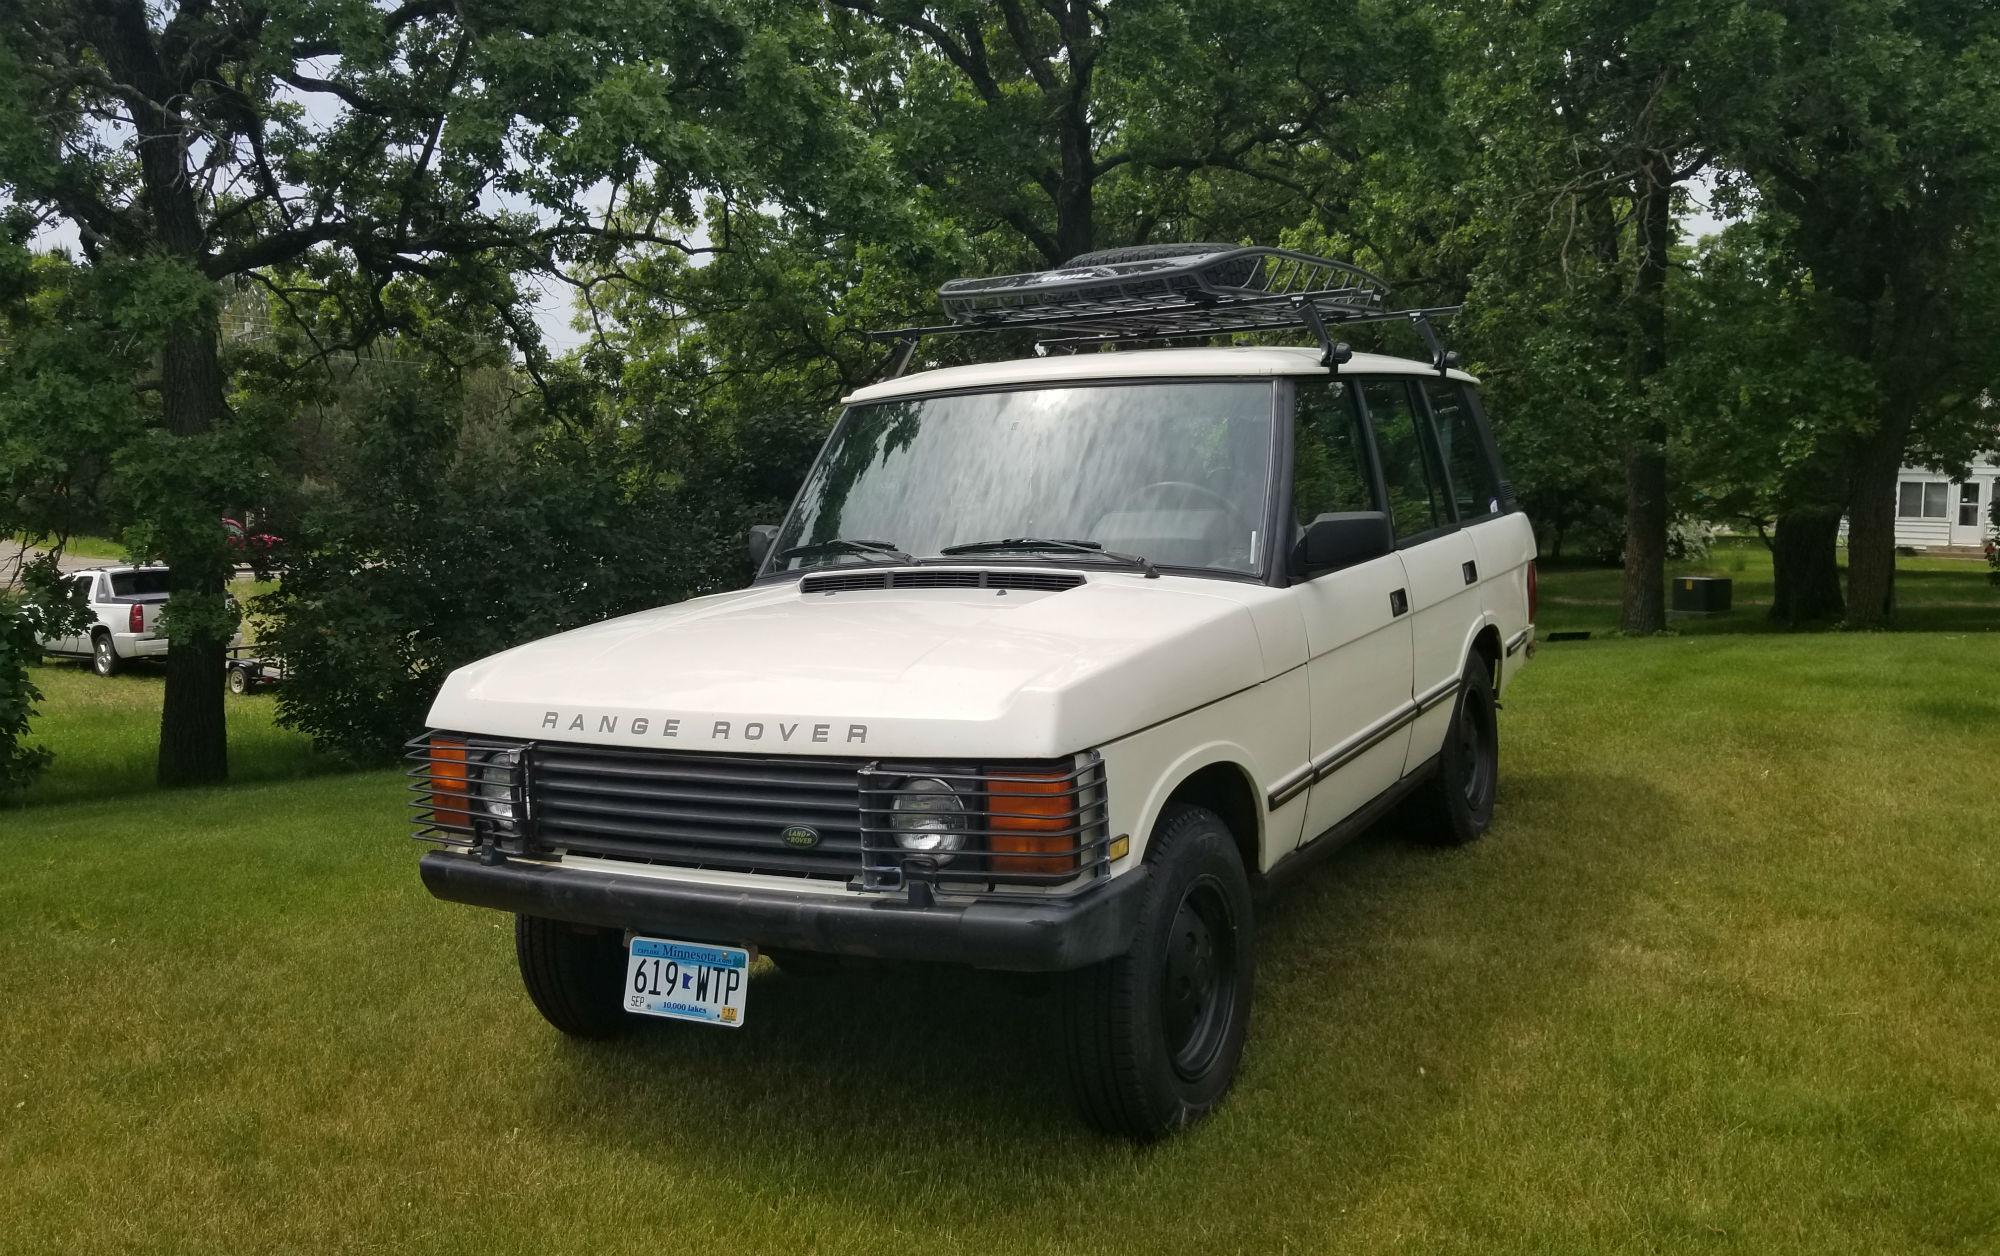 range rover 1990 thule.jpg